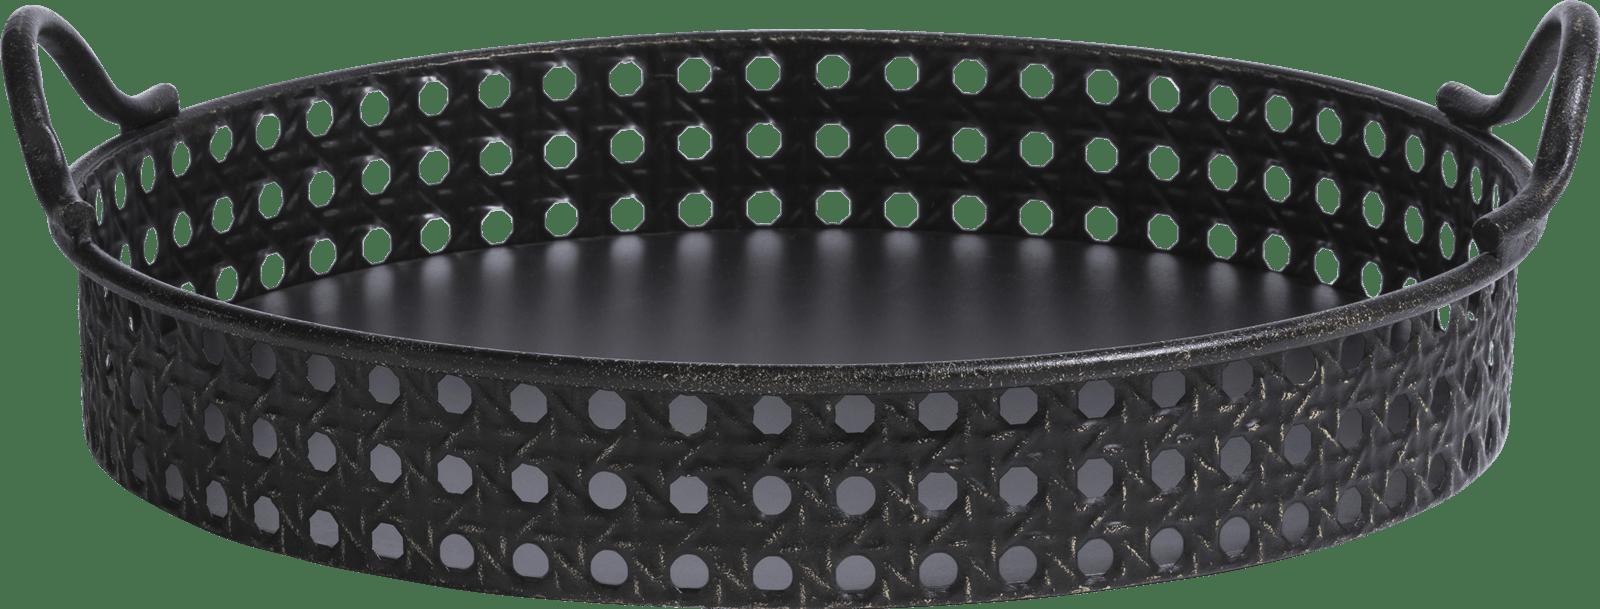 Coco Maison - tray leya - diameter 46 cm - indoor & outdoor